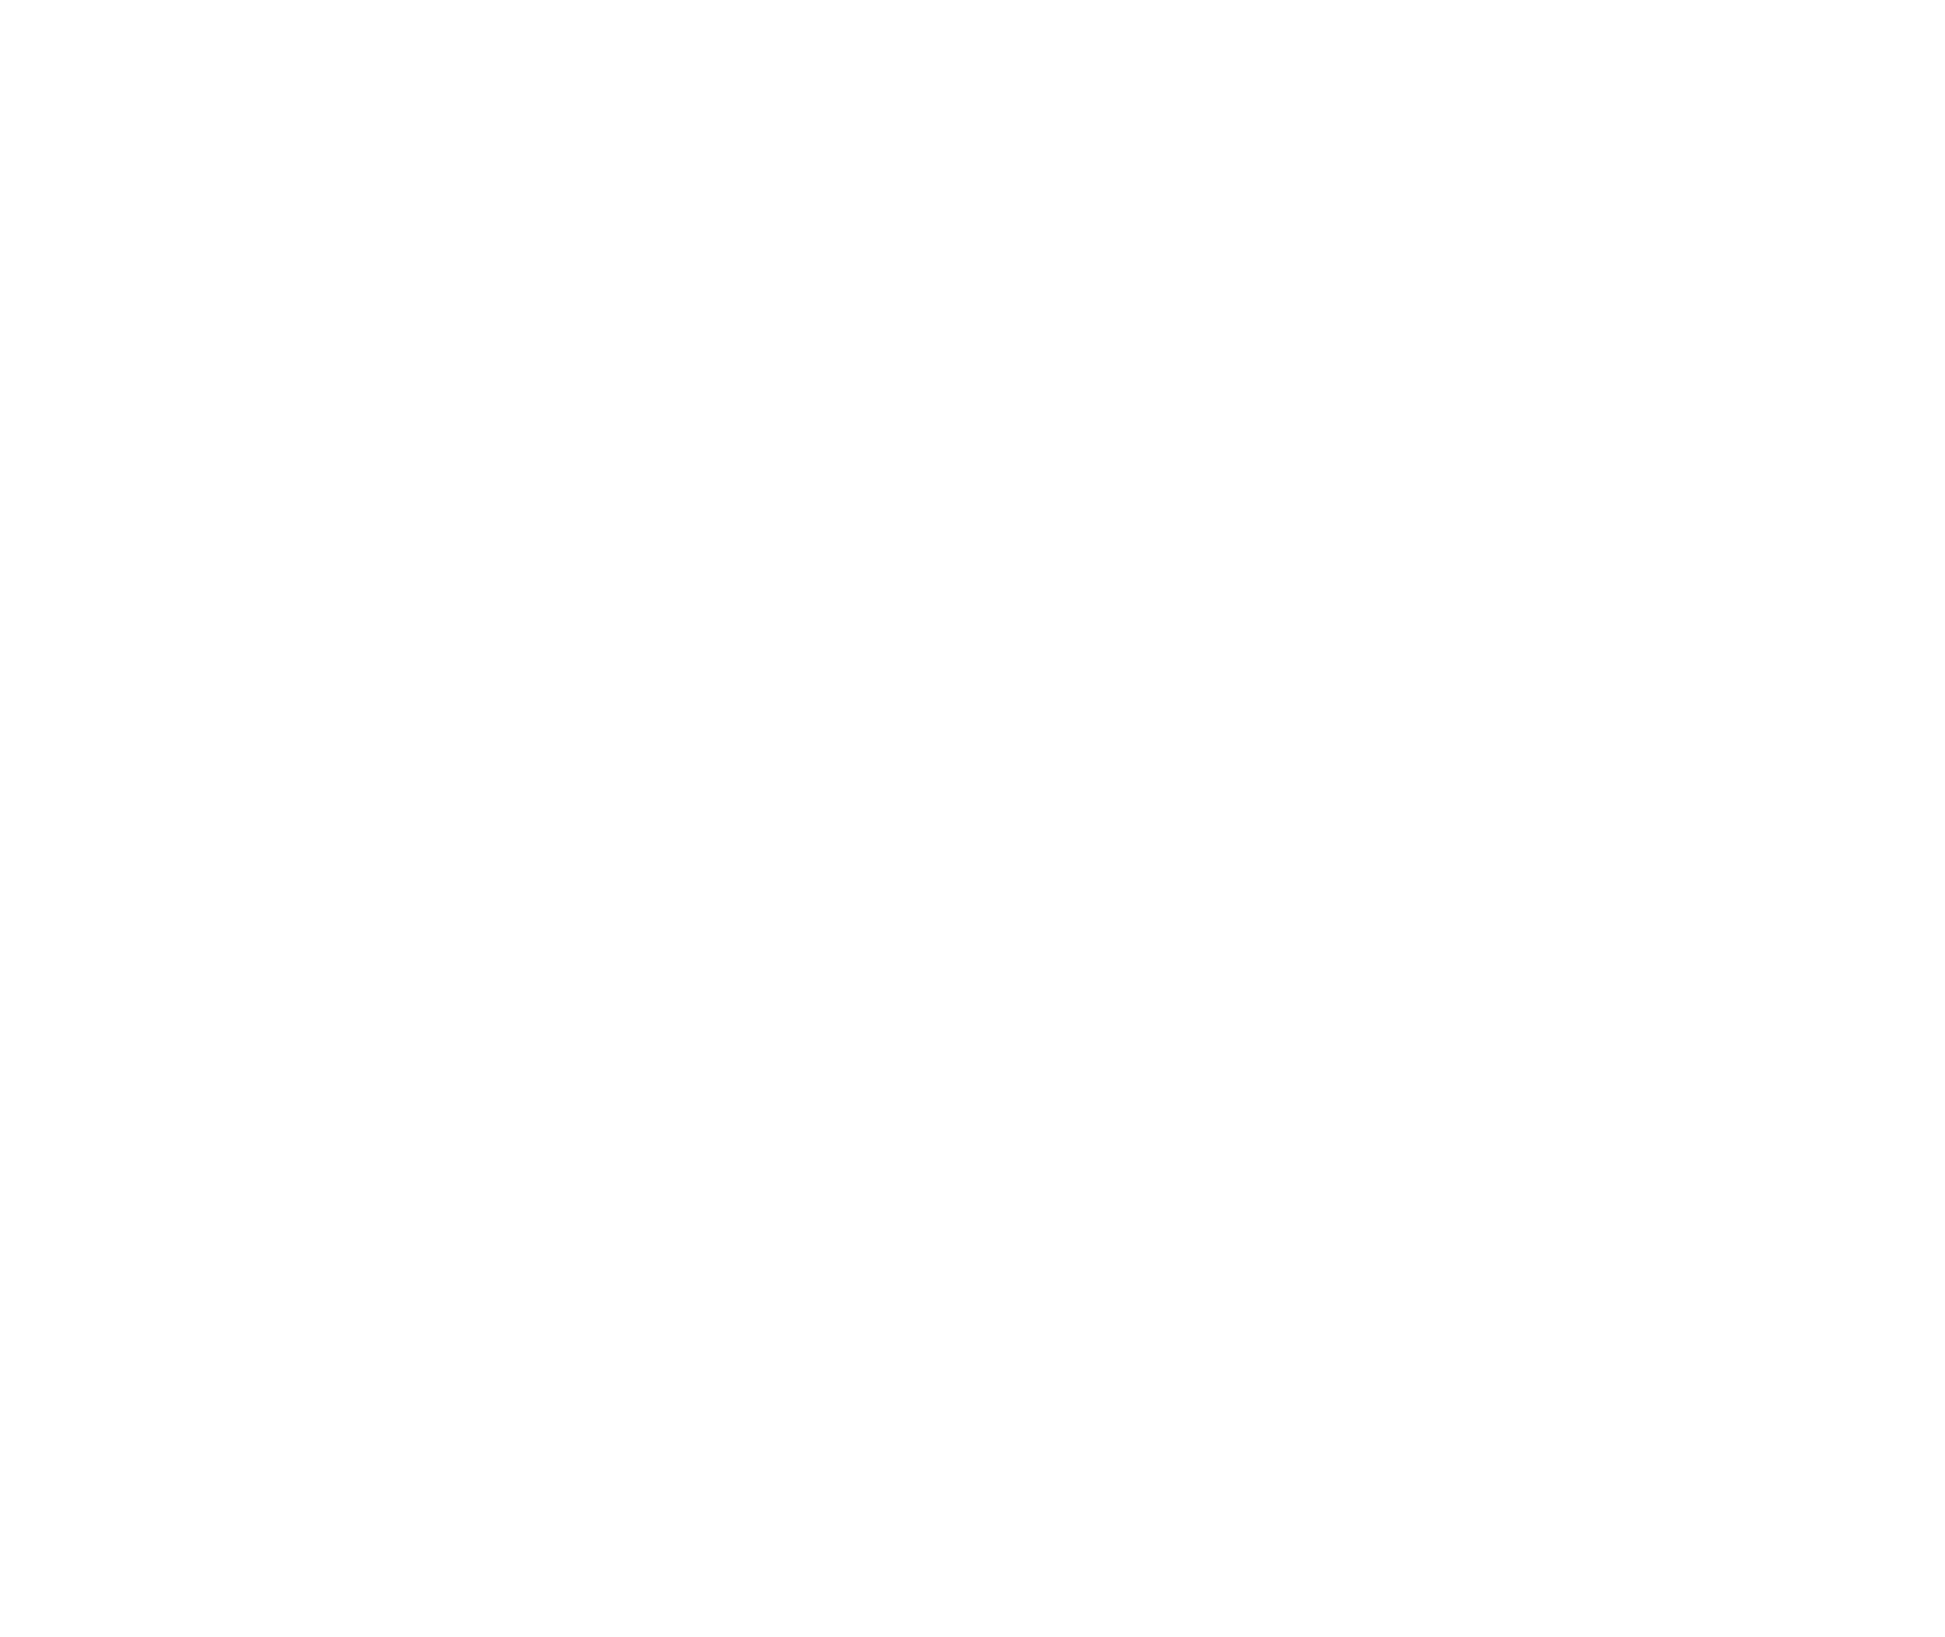 Lauder MUN logo